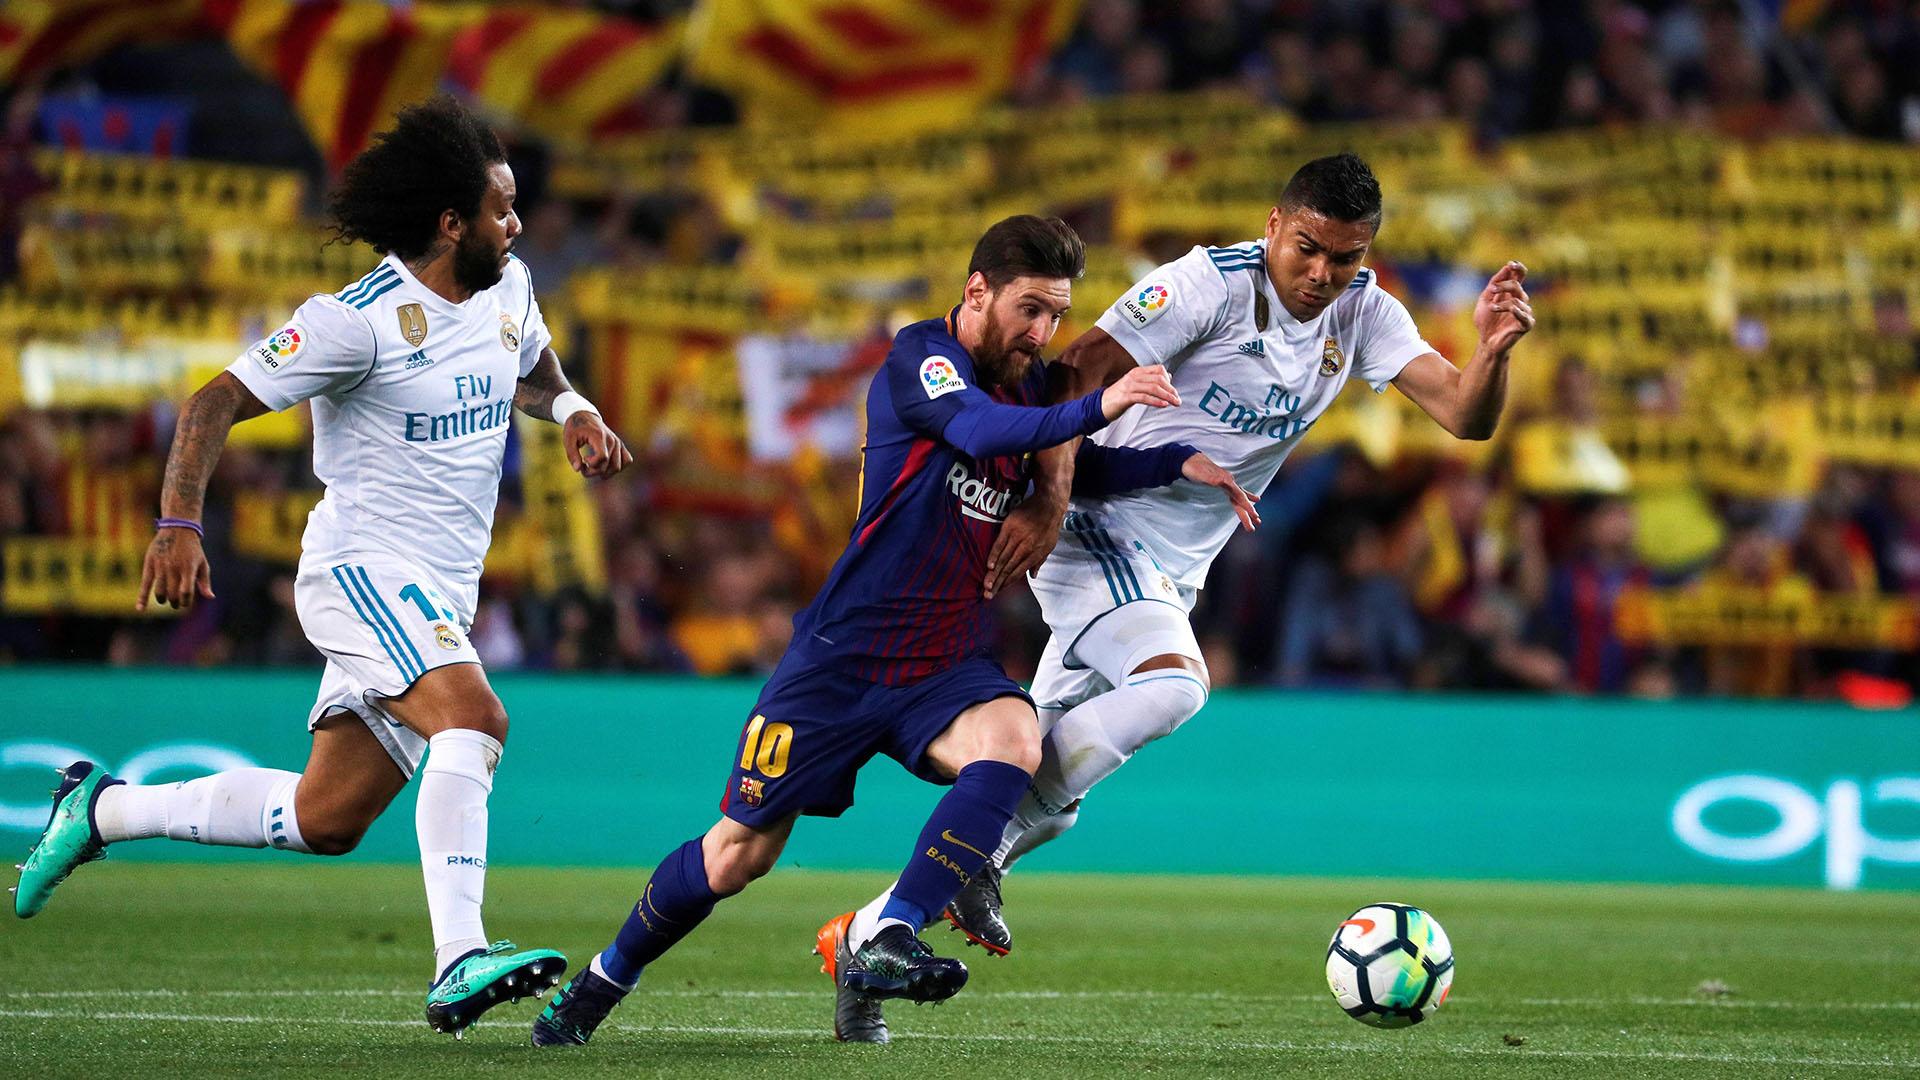 Lionel Messi convirtió un gol en el empate 2-2 entre Barcelona y Real Madrid (EFE)